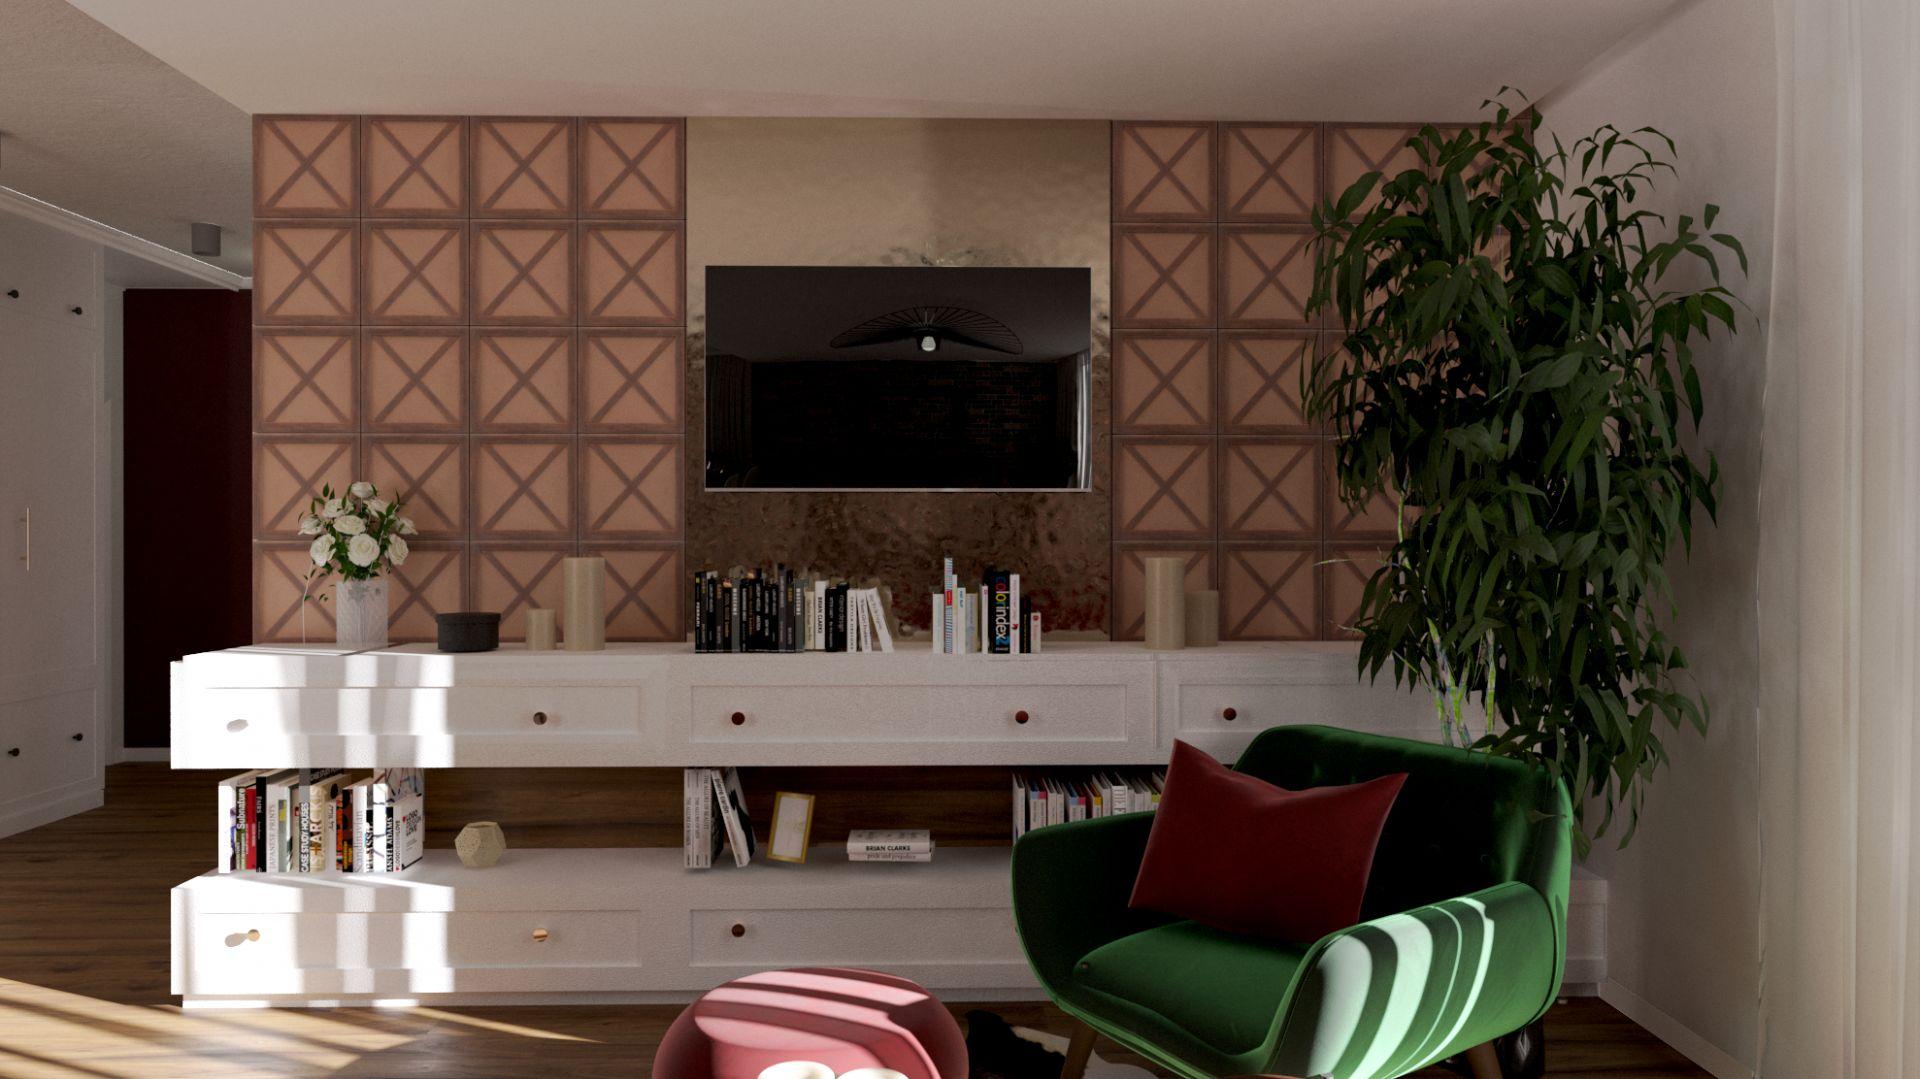 Płytka cementowa Maderada imitująca kolor, usłojenie oraz fakturę drewna. Fot. Elkamino